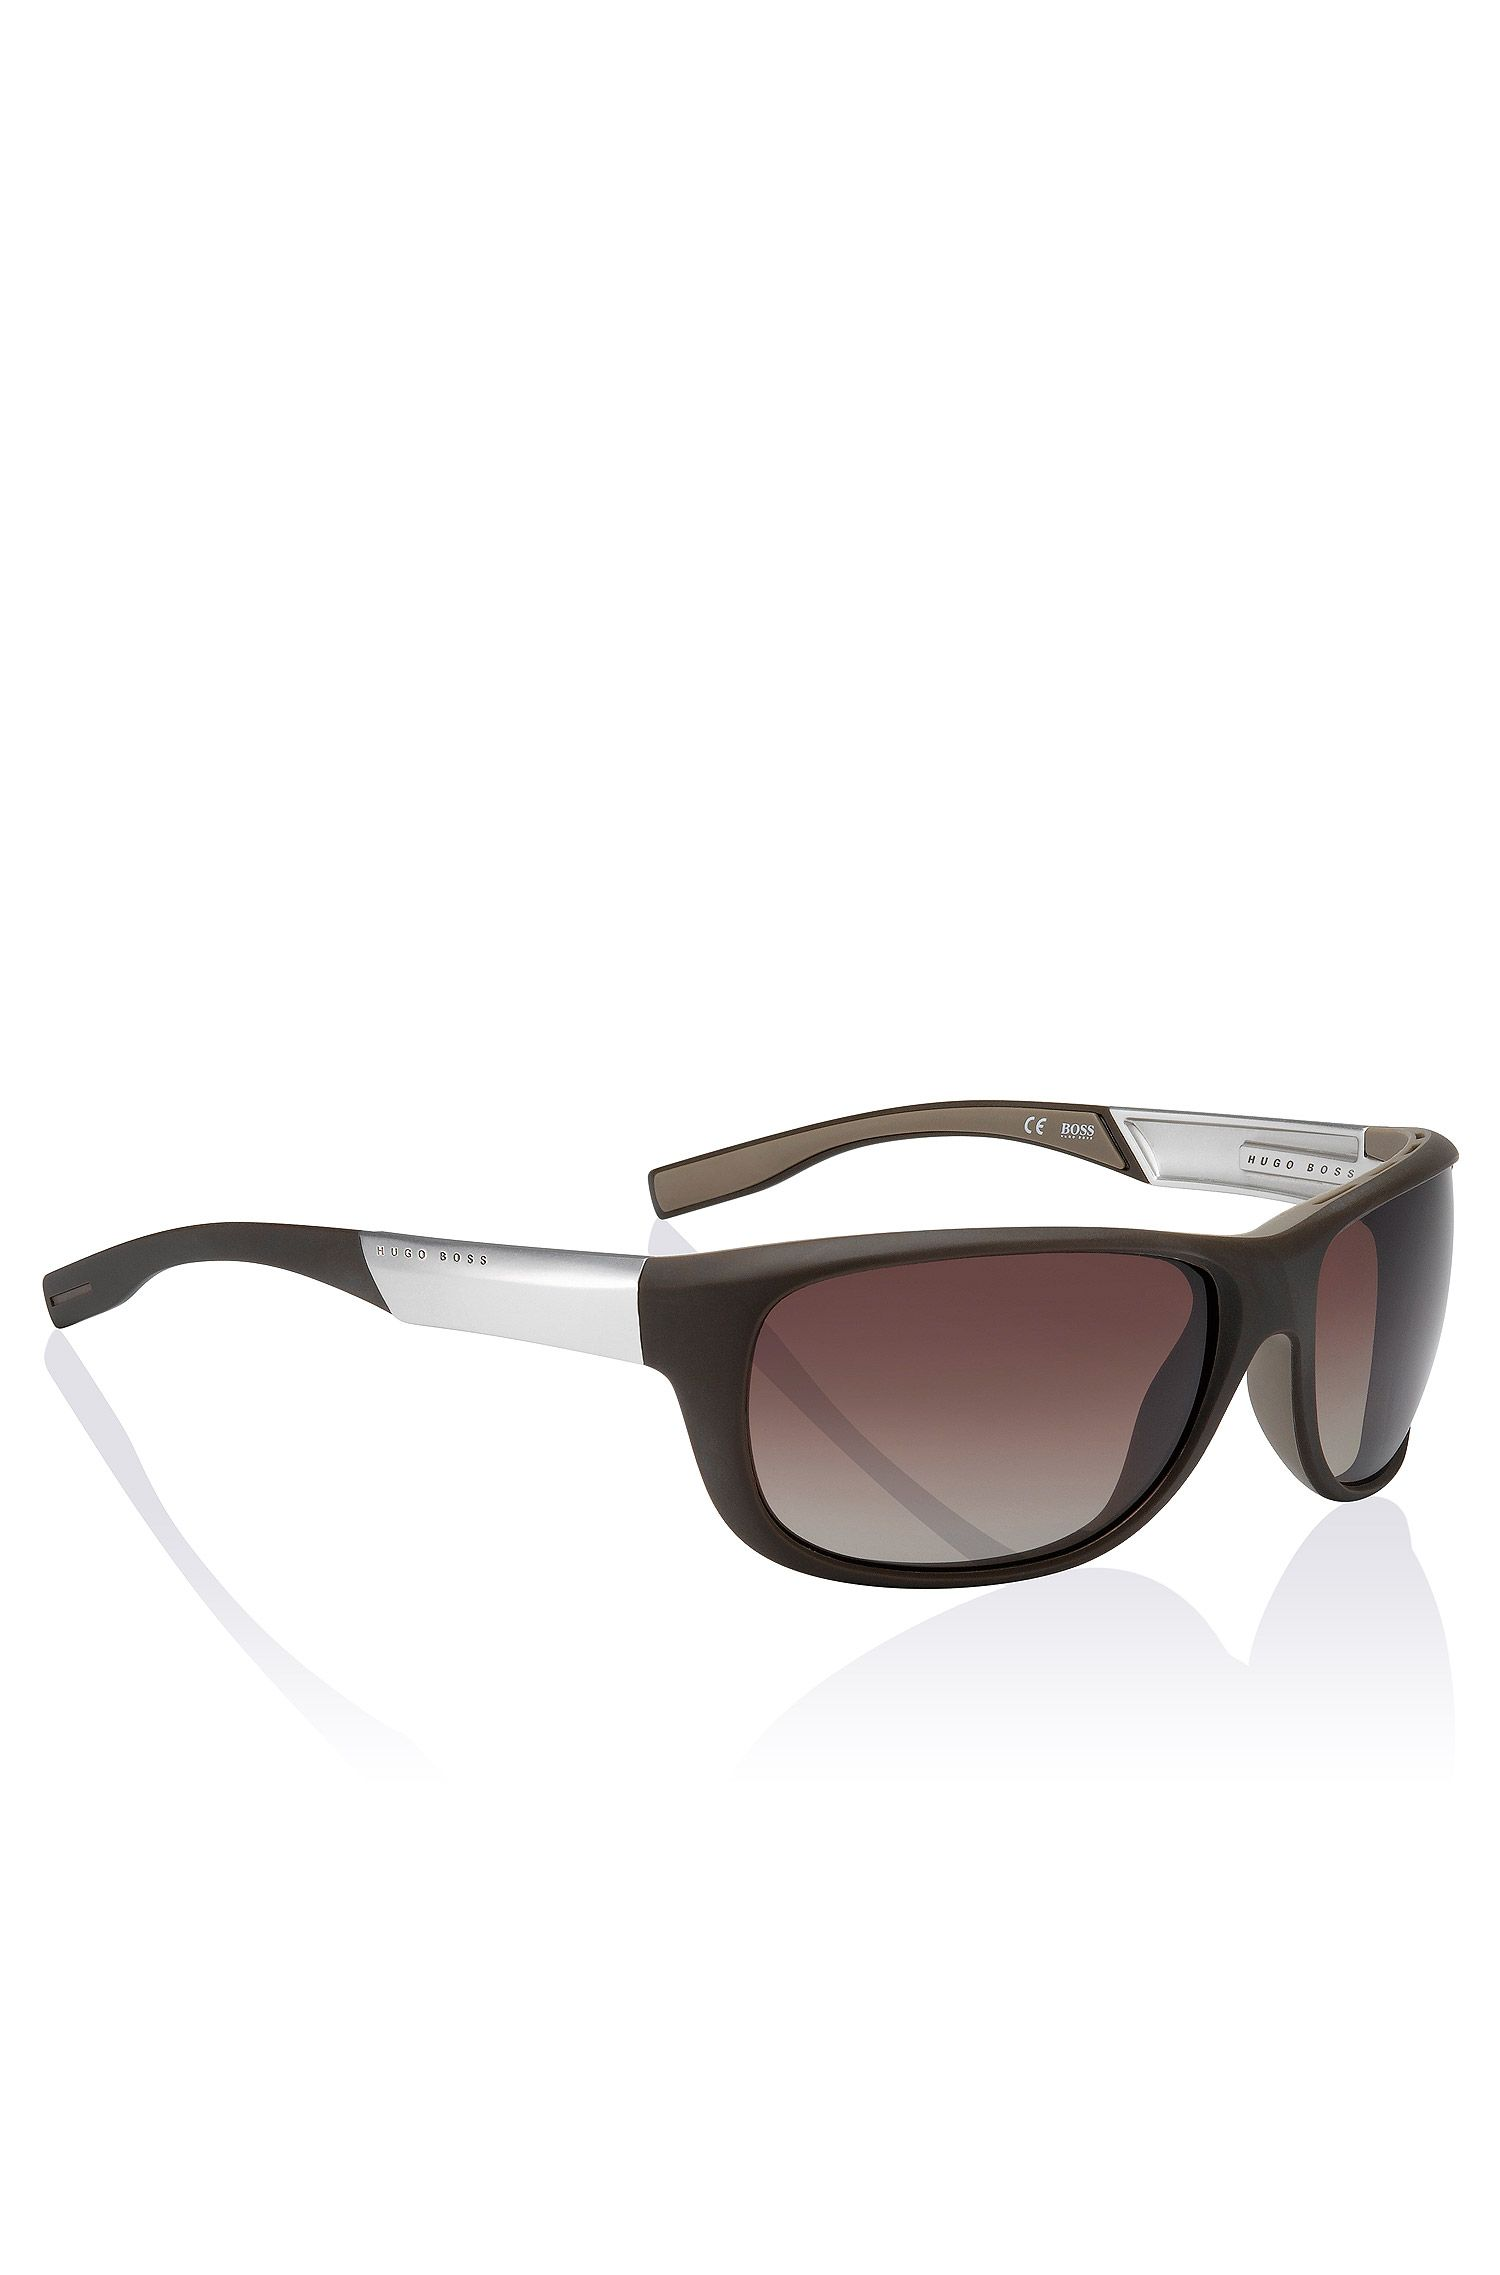 Sonnenbrille ´BOSS 0606/P/S`, Aluminium-Einsätze